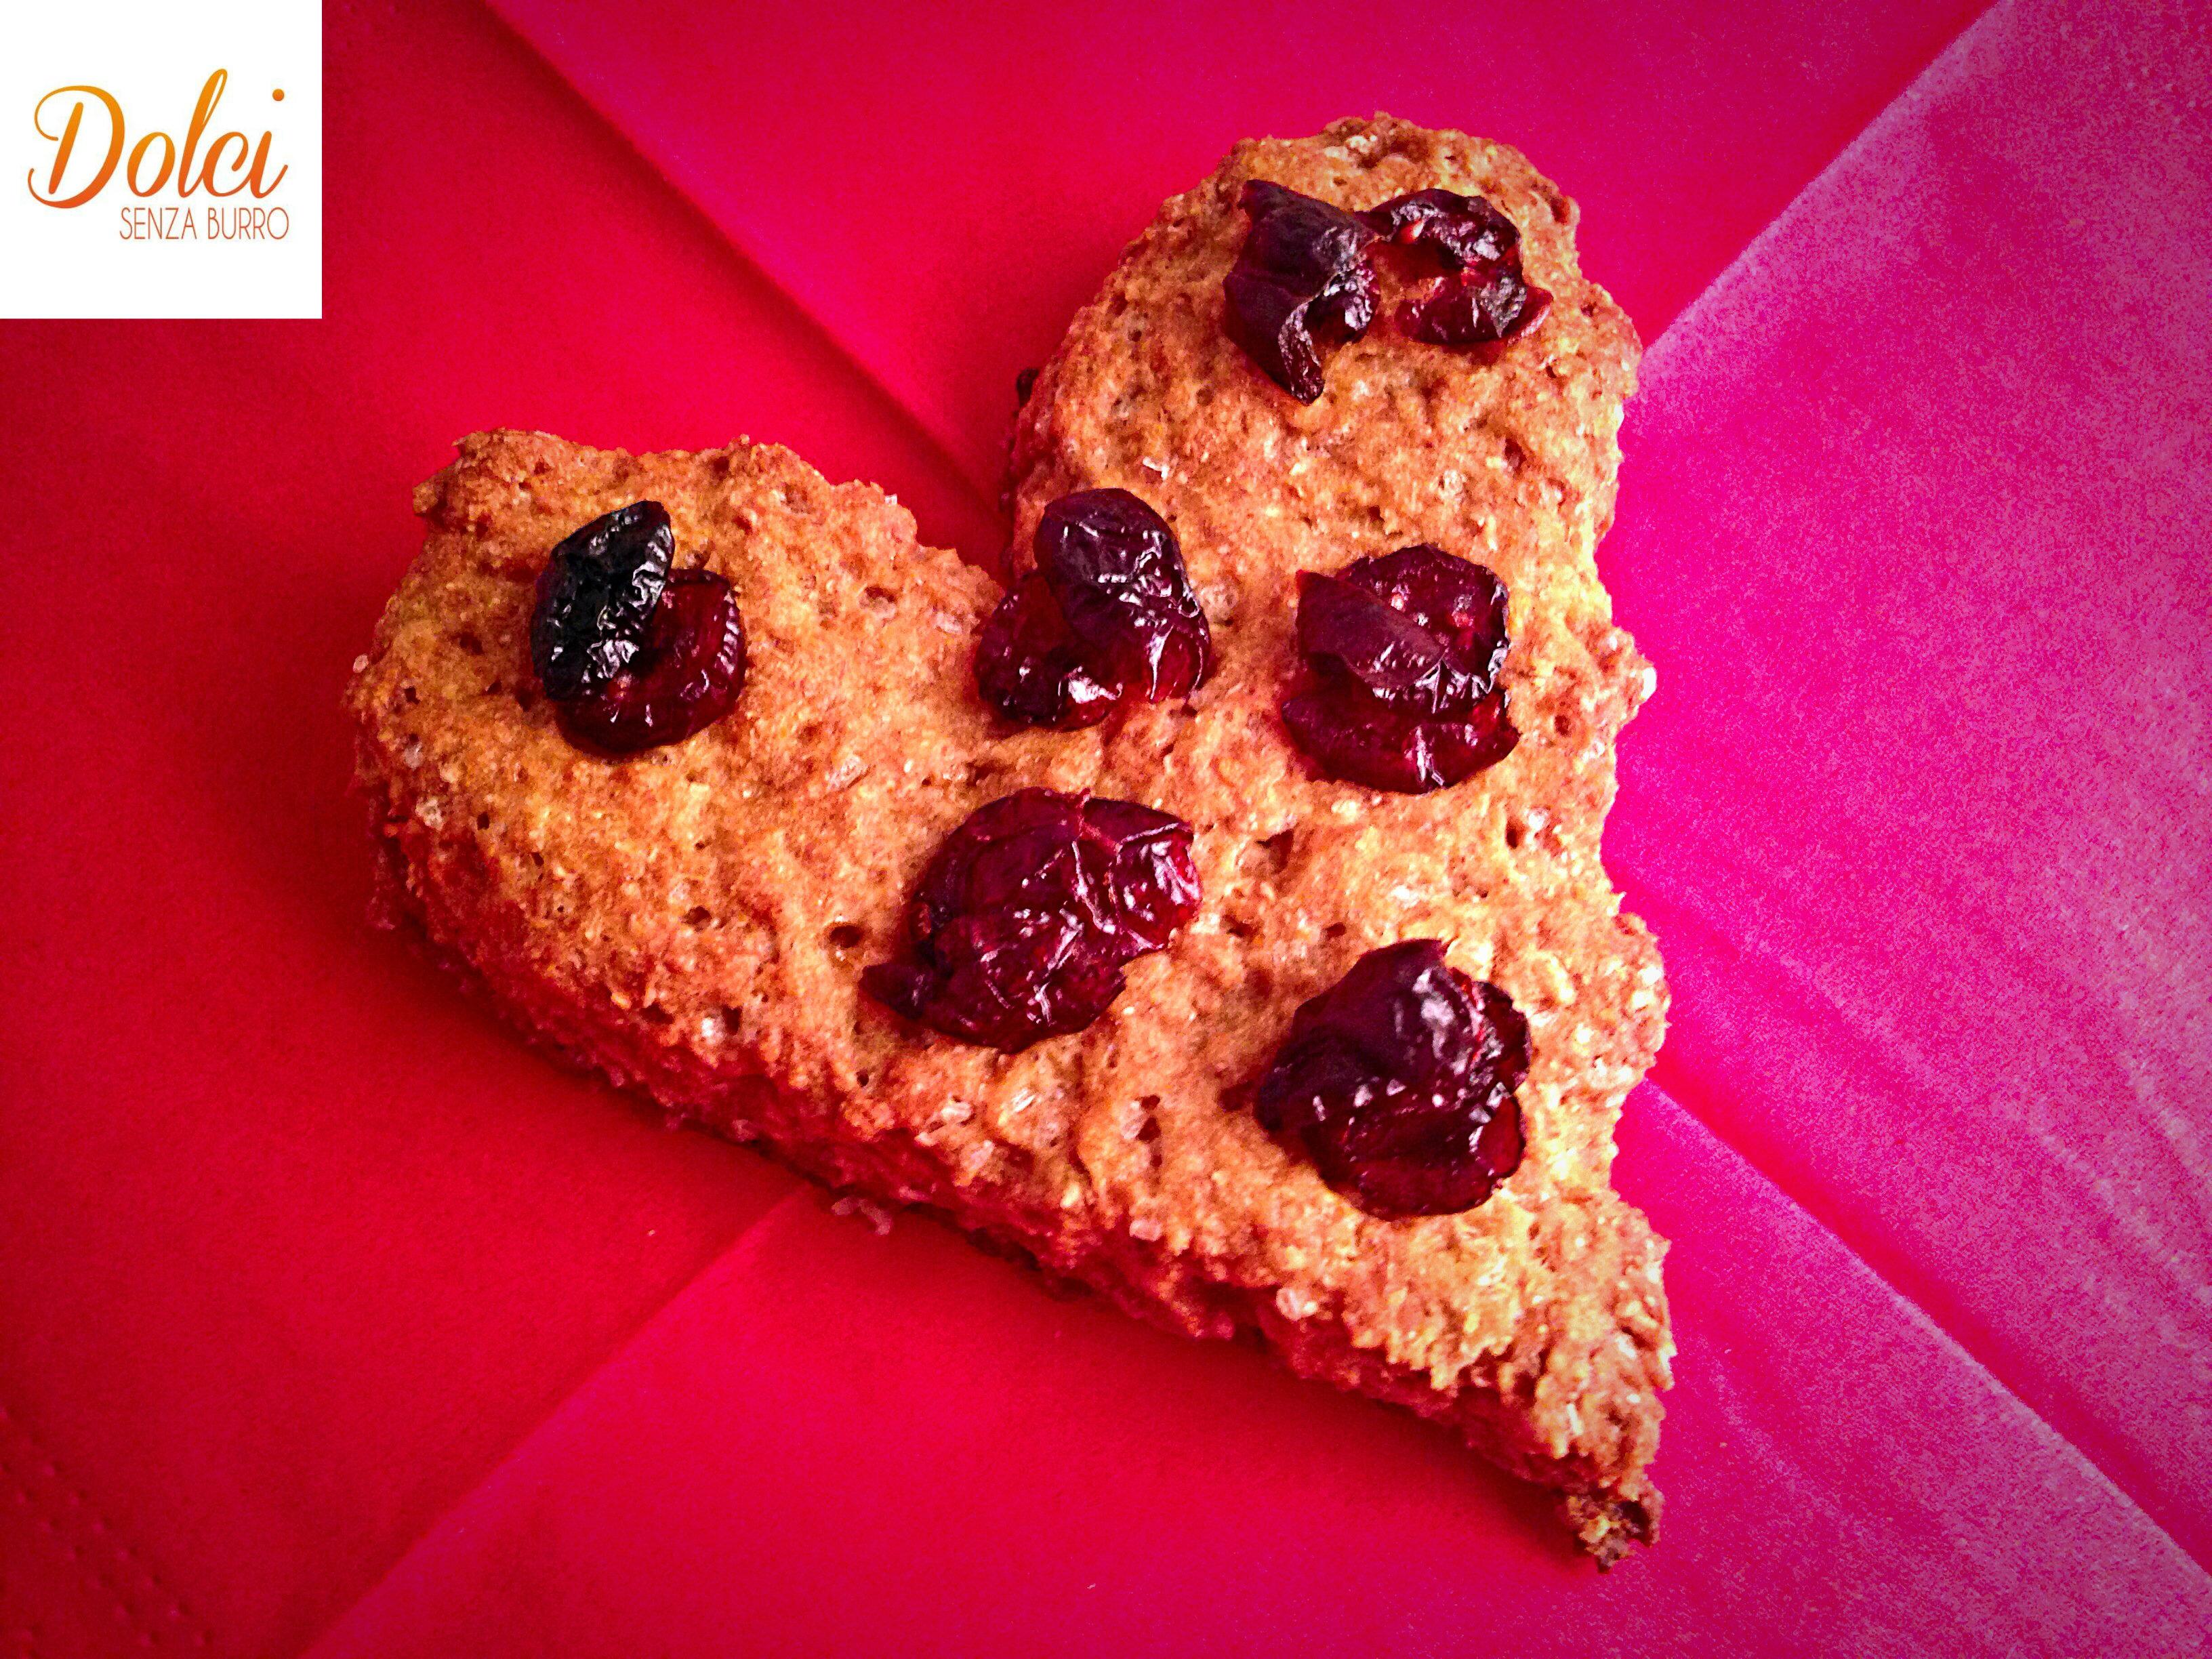 Biscotti di San Valentino Senza Burro, per una colazione di san valentino dolce e golosa di dolci senza burro